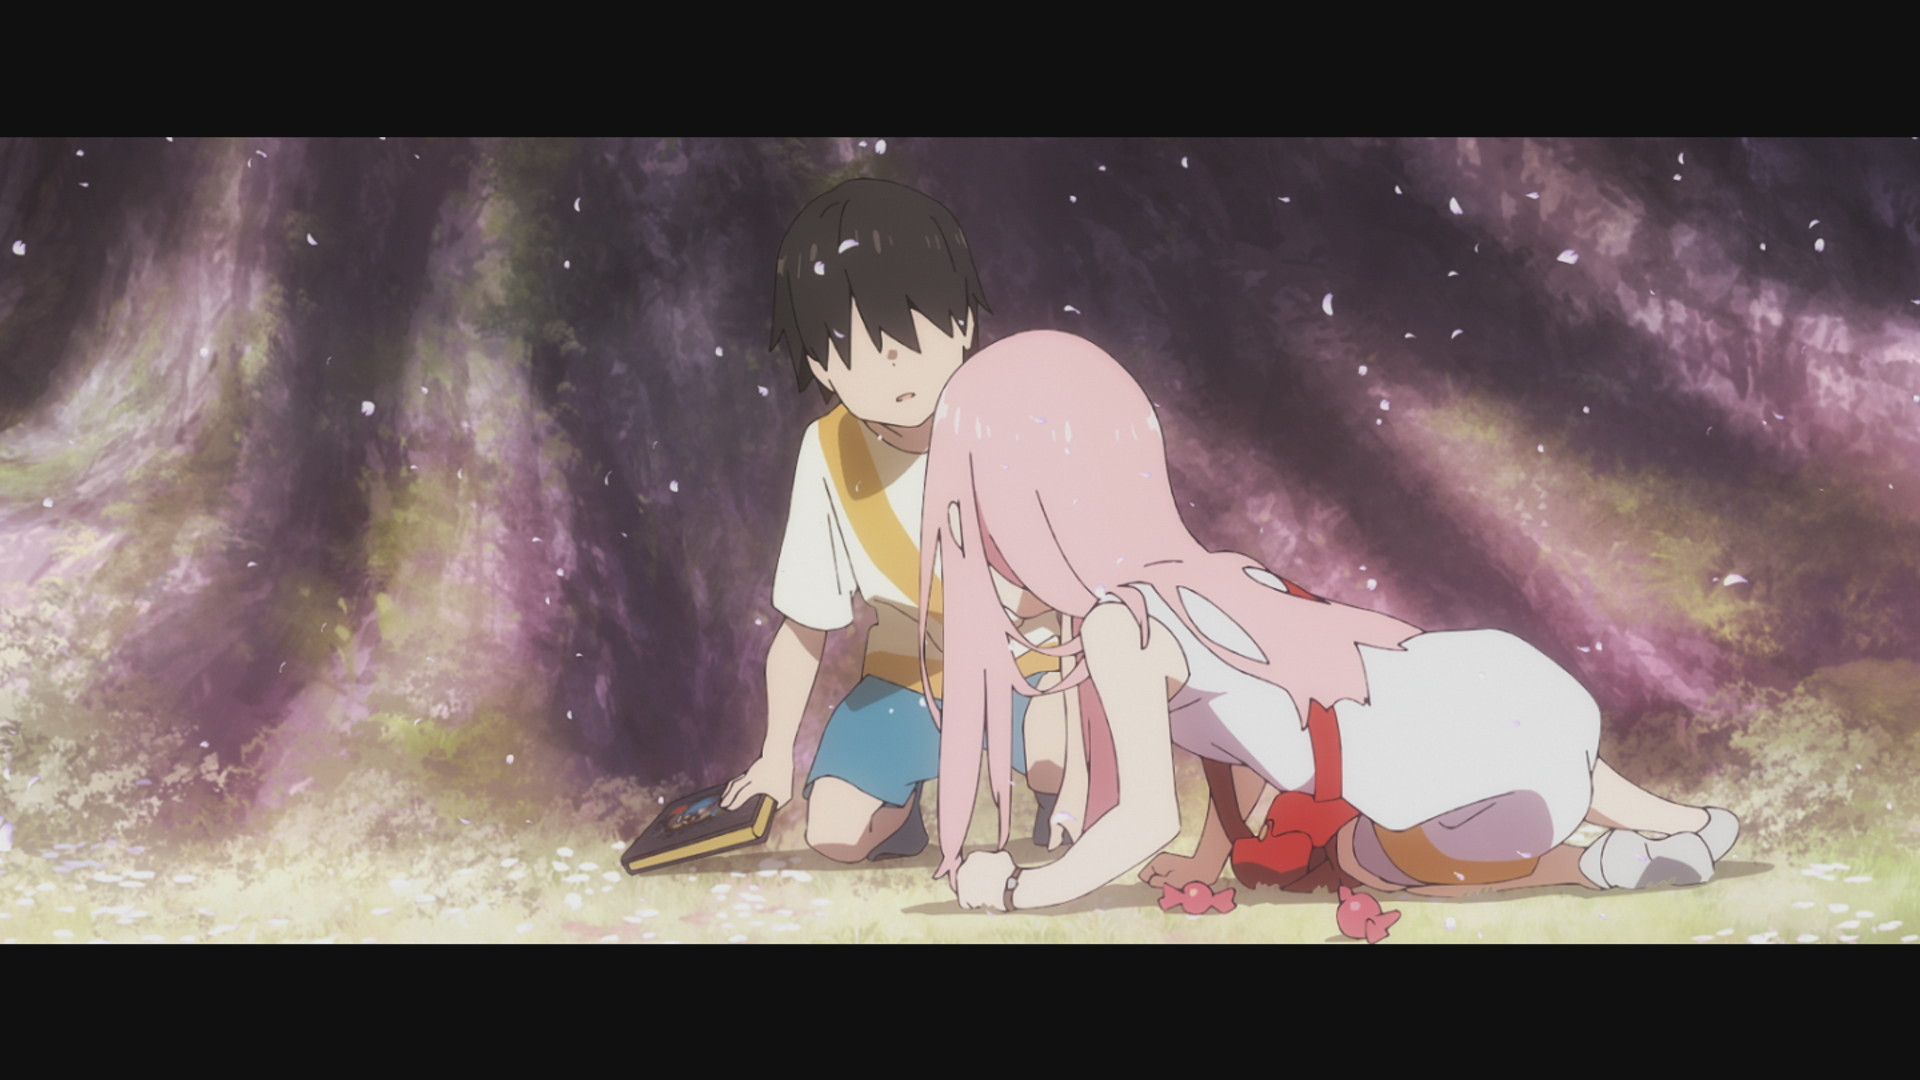 『ダーリン・イン・ザ・フランキス』TVアニメ第24話 Play Back: コドモたちが勝ち取った未来、物語は続いていく――